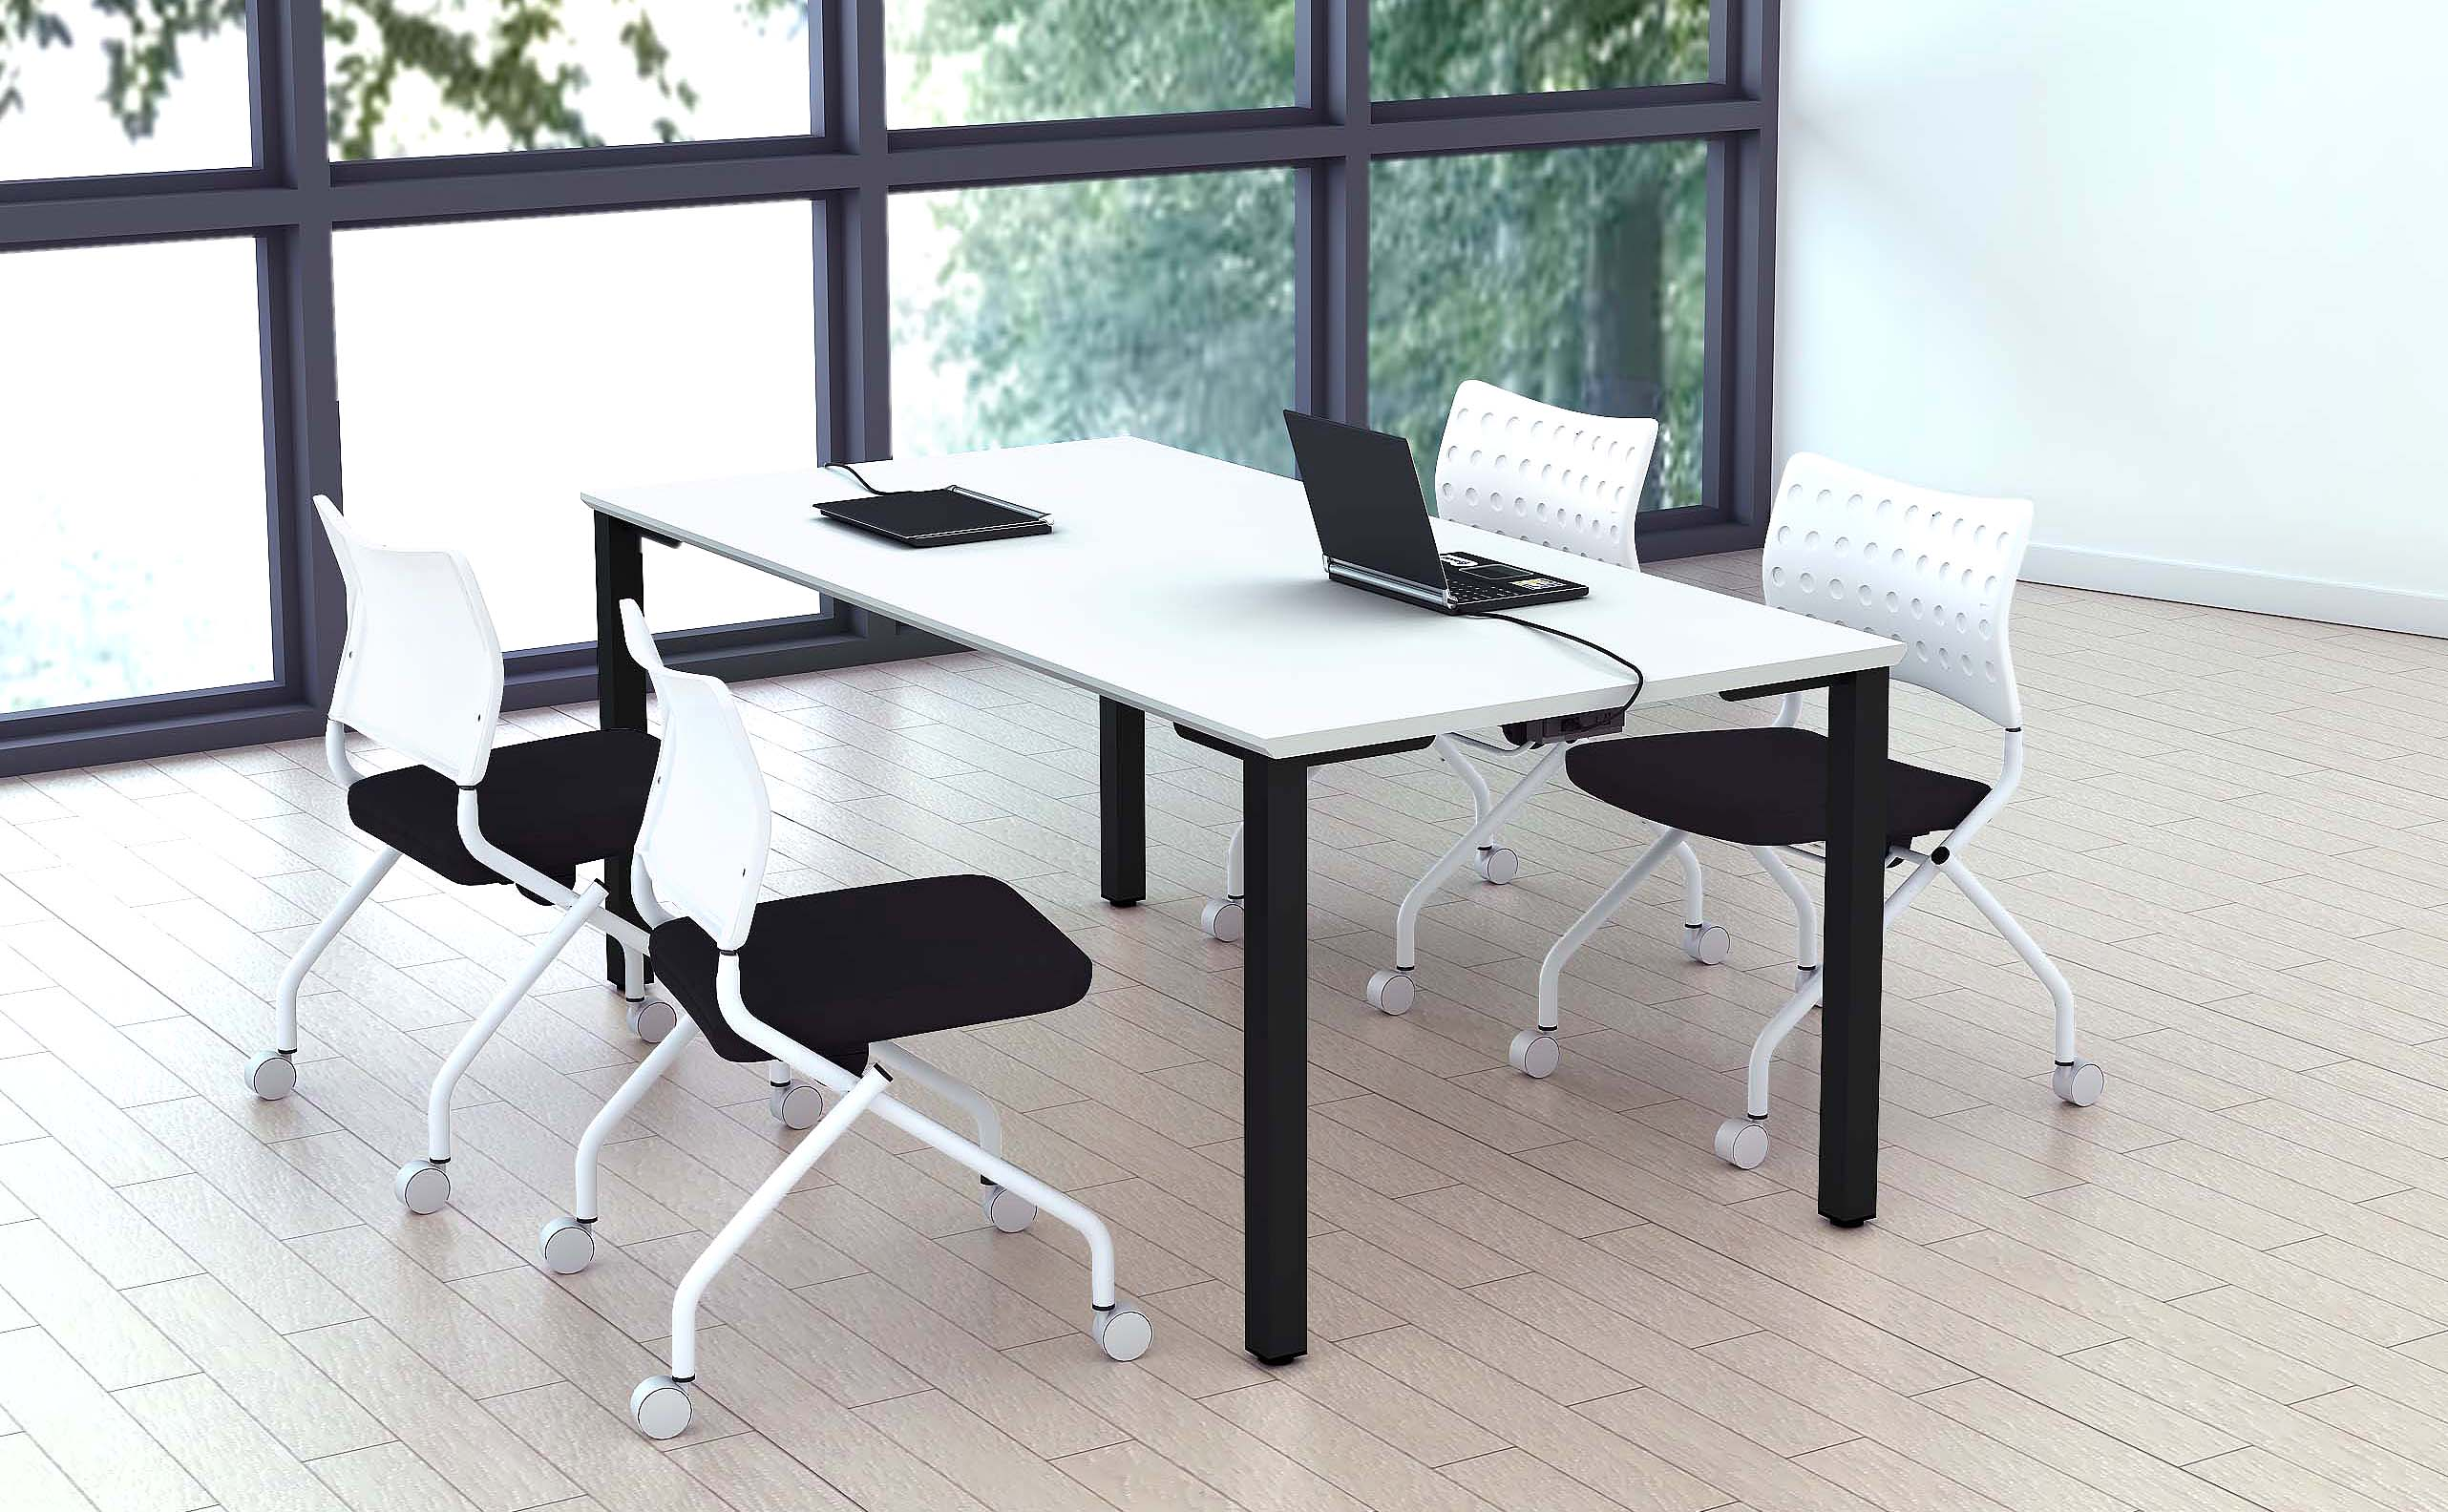 テーブル 会議テーブル ミーティングテーブル 使用イメージ